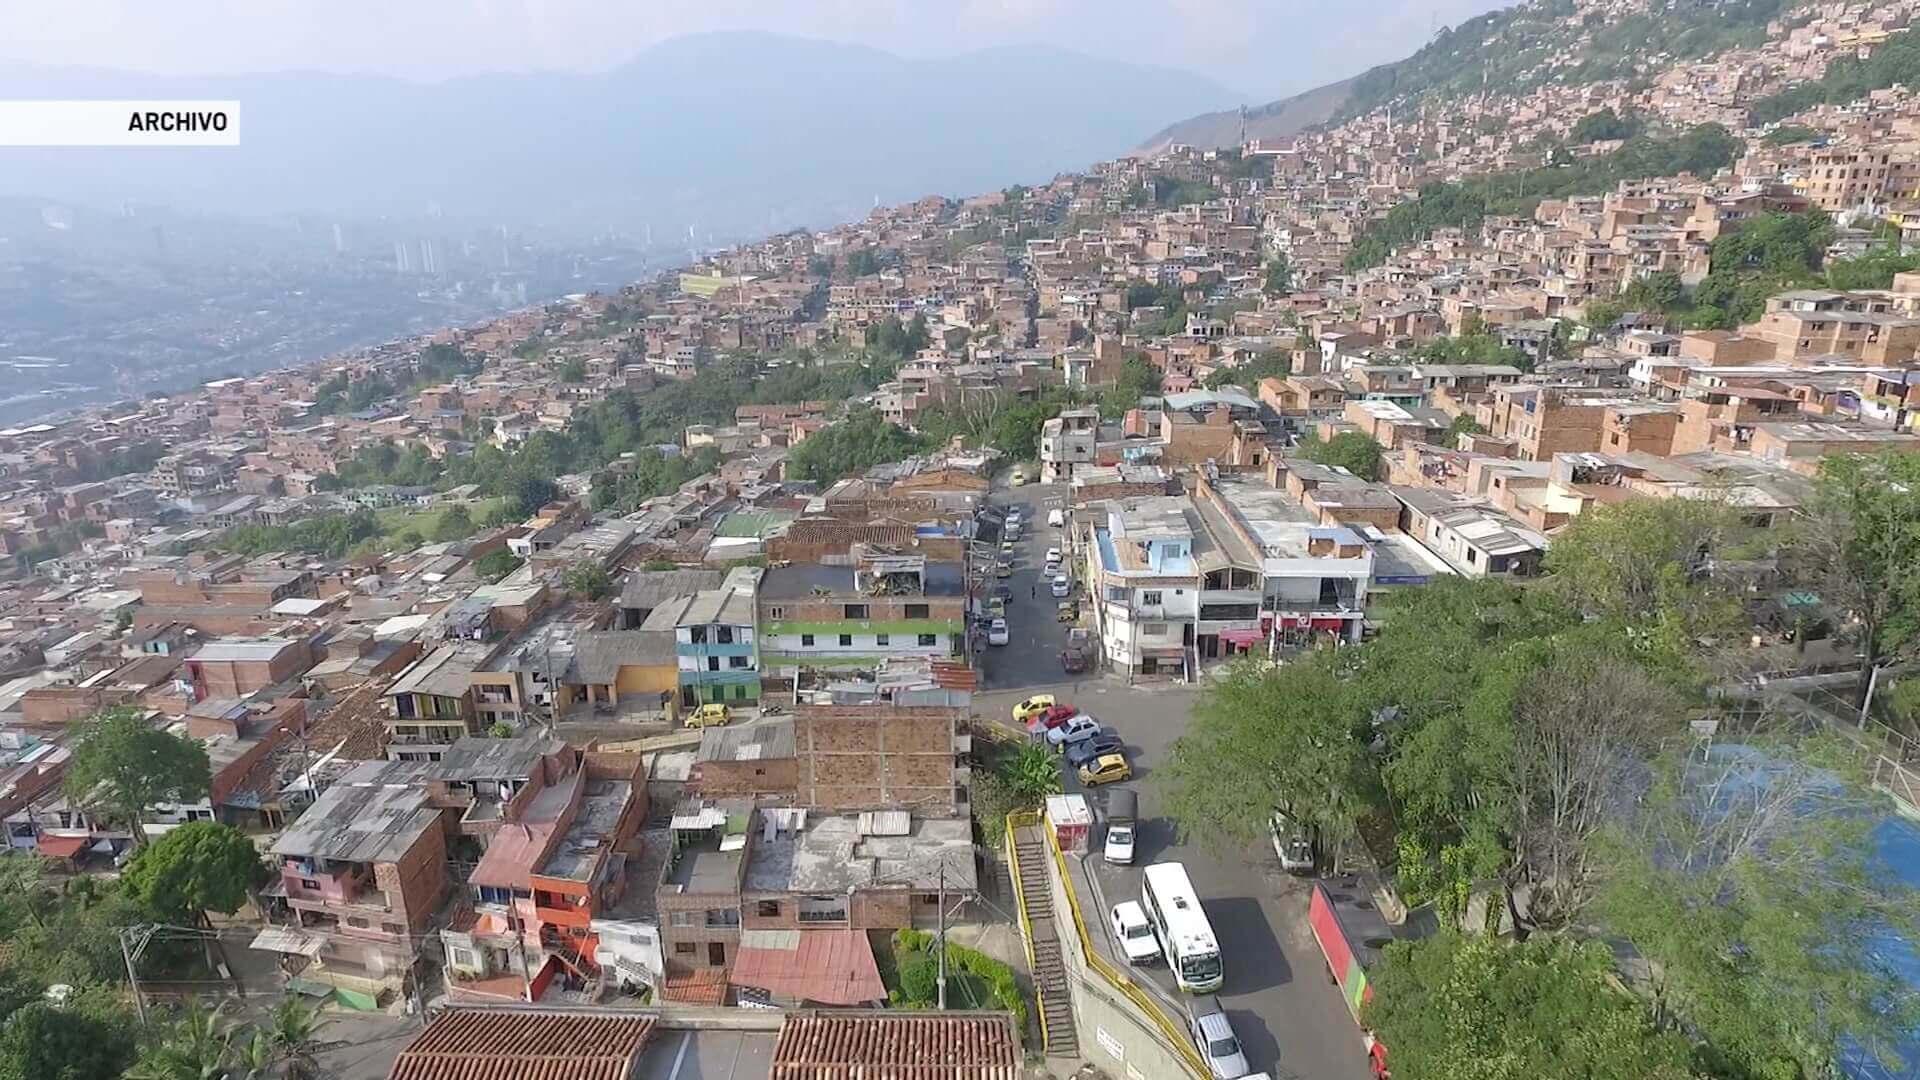 Alerta por aumento del desplazamiento en Medellín